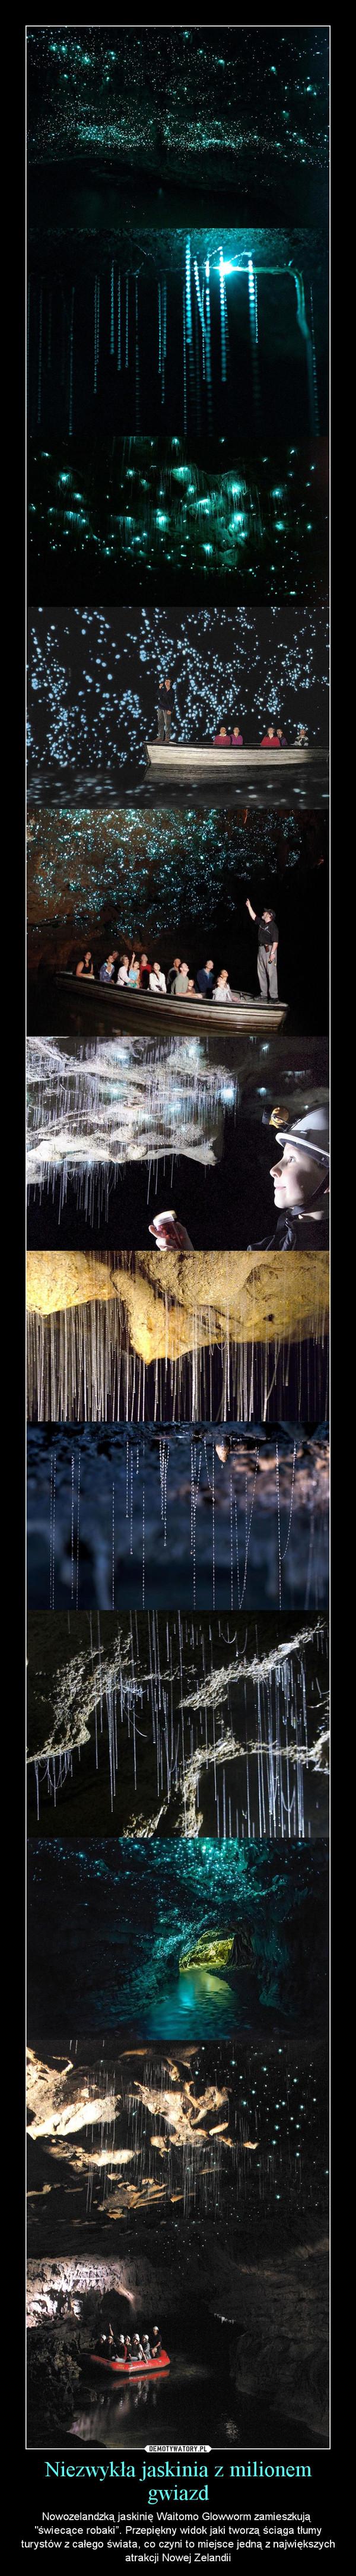 """Niezwykła jaskinia z milionem gwiazd – Nowozelandzką jaskinię Waitomo Glowworm zamieszkują """"świecące robaki"""". Przepiękny widok jaki tworzą ściąga tłumy turystów z całego świata, co czyni to miejsce jedną z największych atrakcji Nowej Zelandii"""